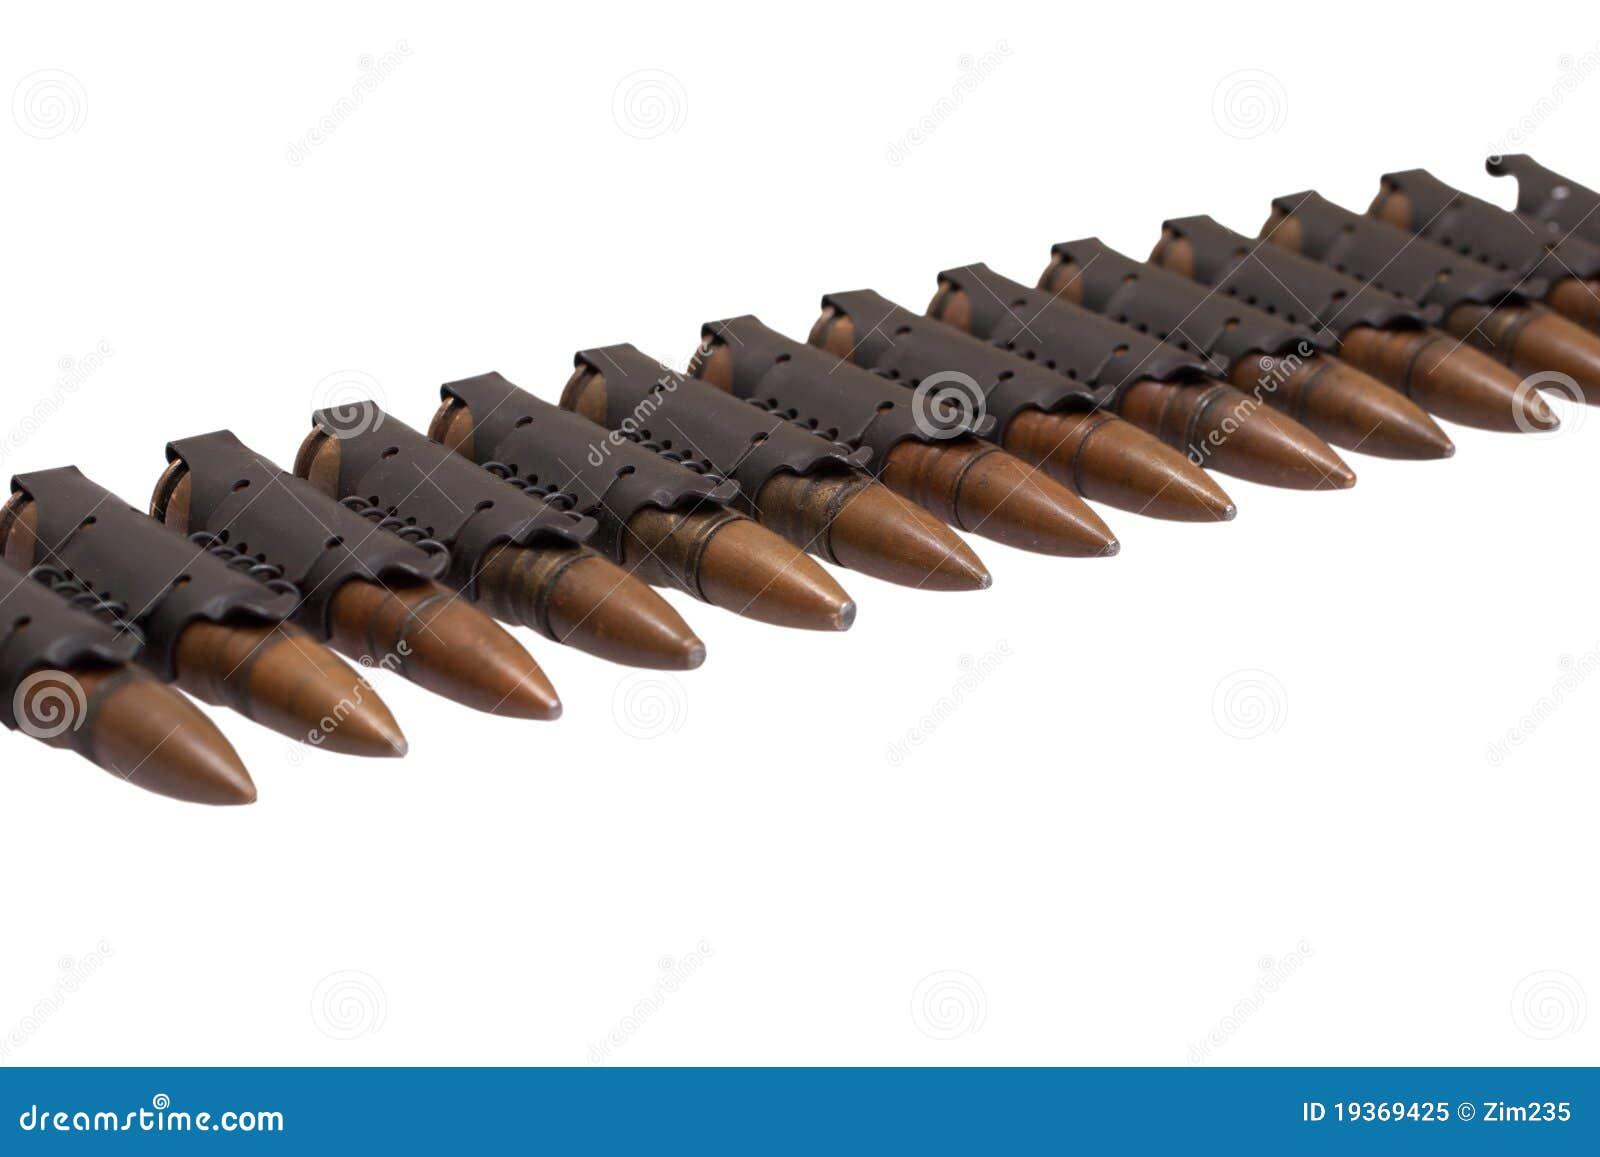 Corrente preta dos cartuchos M1943 poderosos